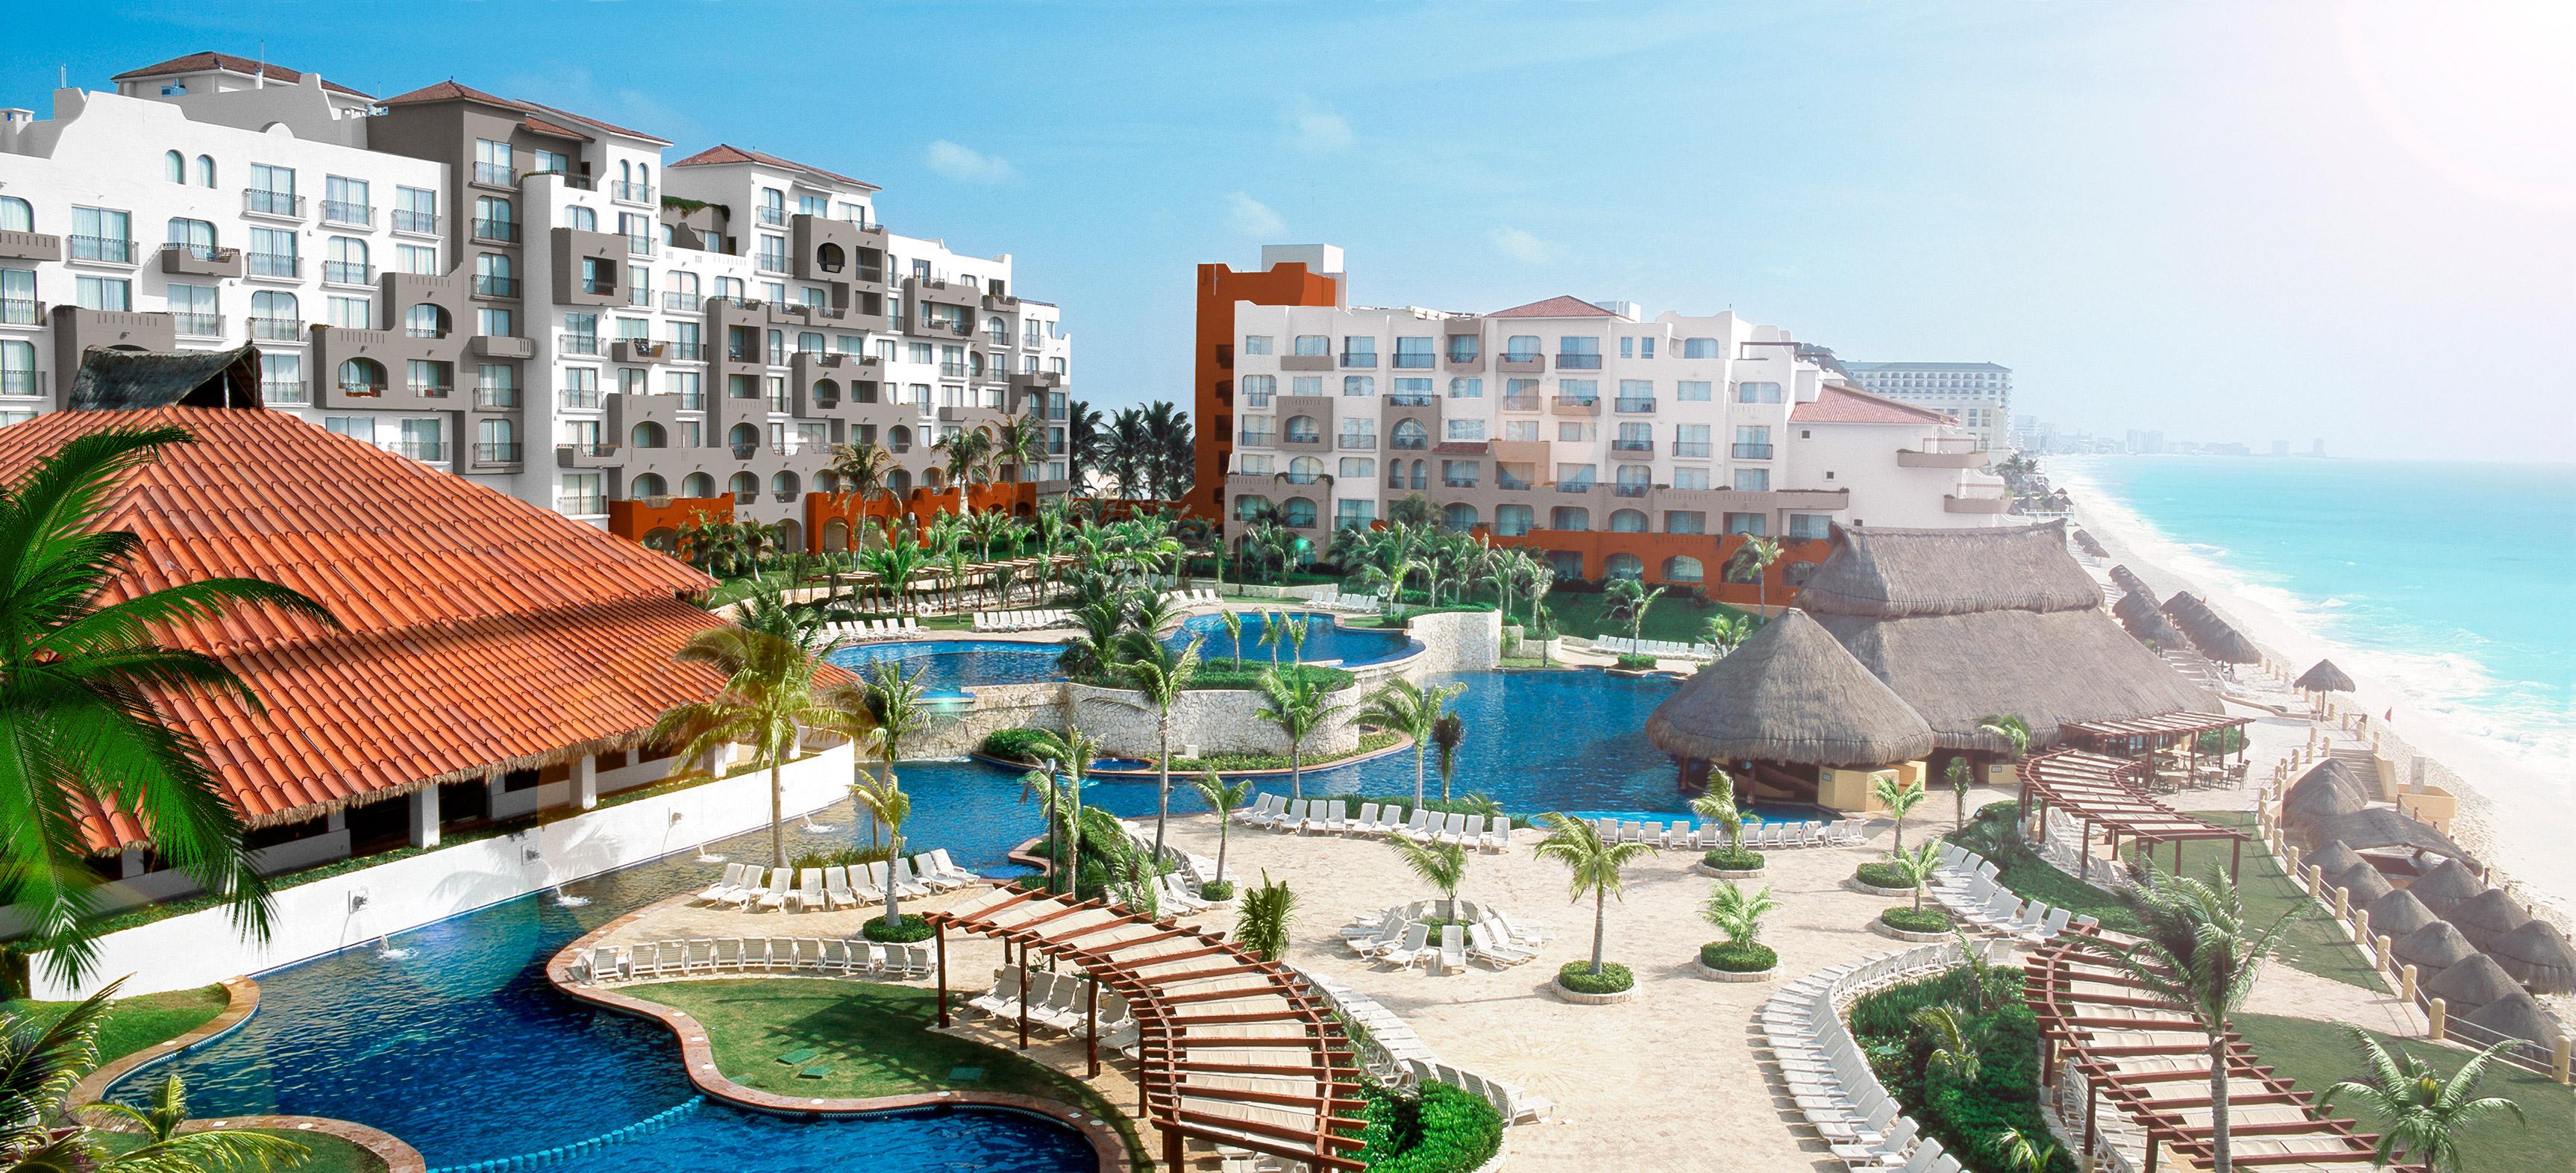 Fiesta Americana Condesa Cancun Cancun Transat